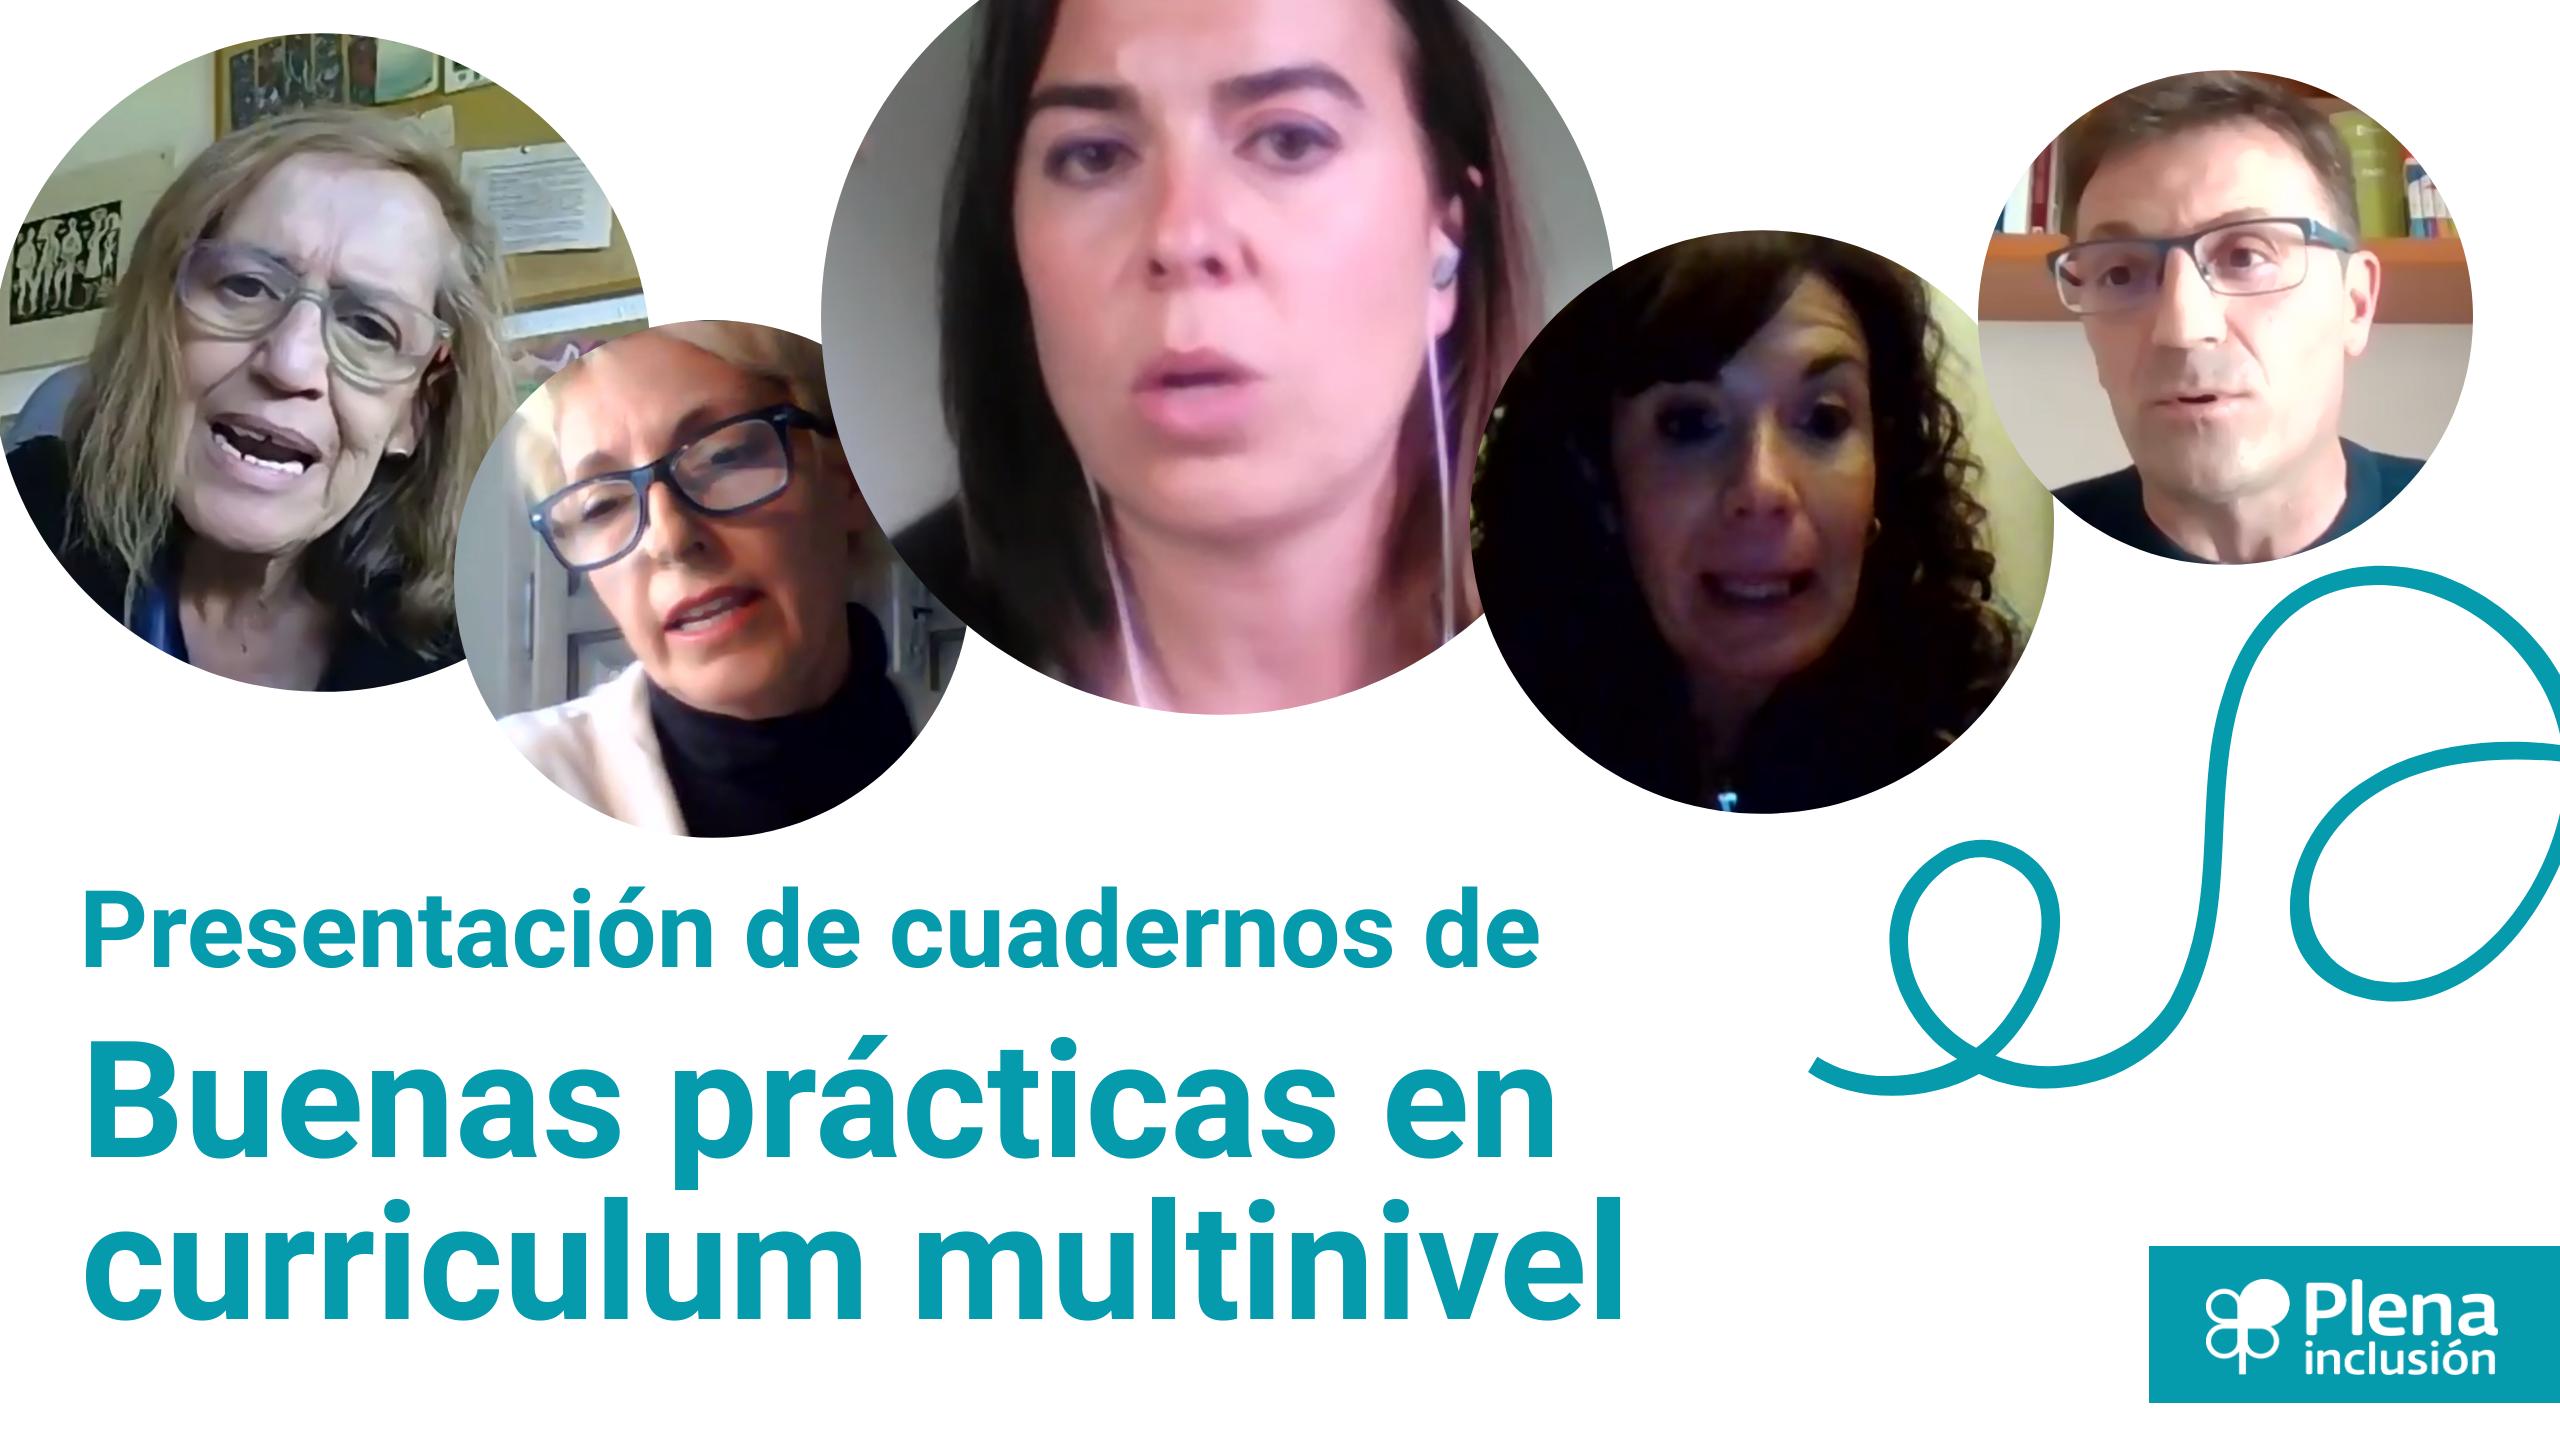 Ir a : ¿Cómo abordar la inclusión educativa desde un punto de vista práctico? Hablamos con expertos del Curriculum Multinivel